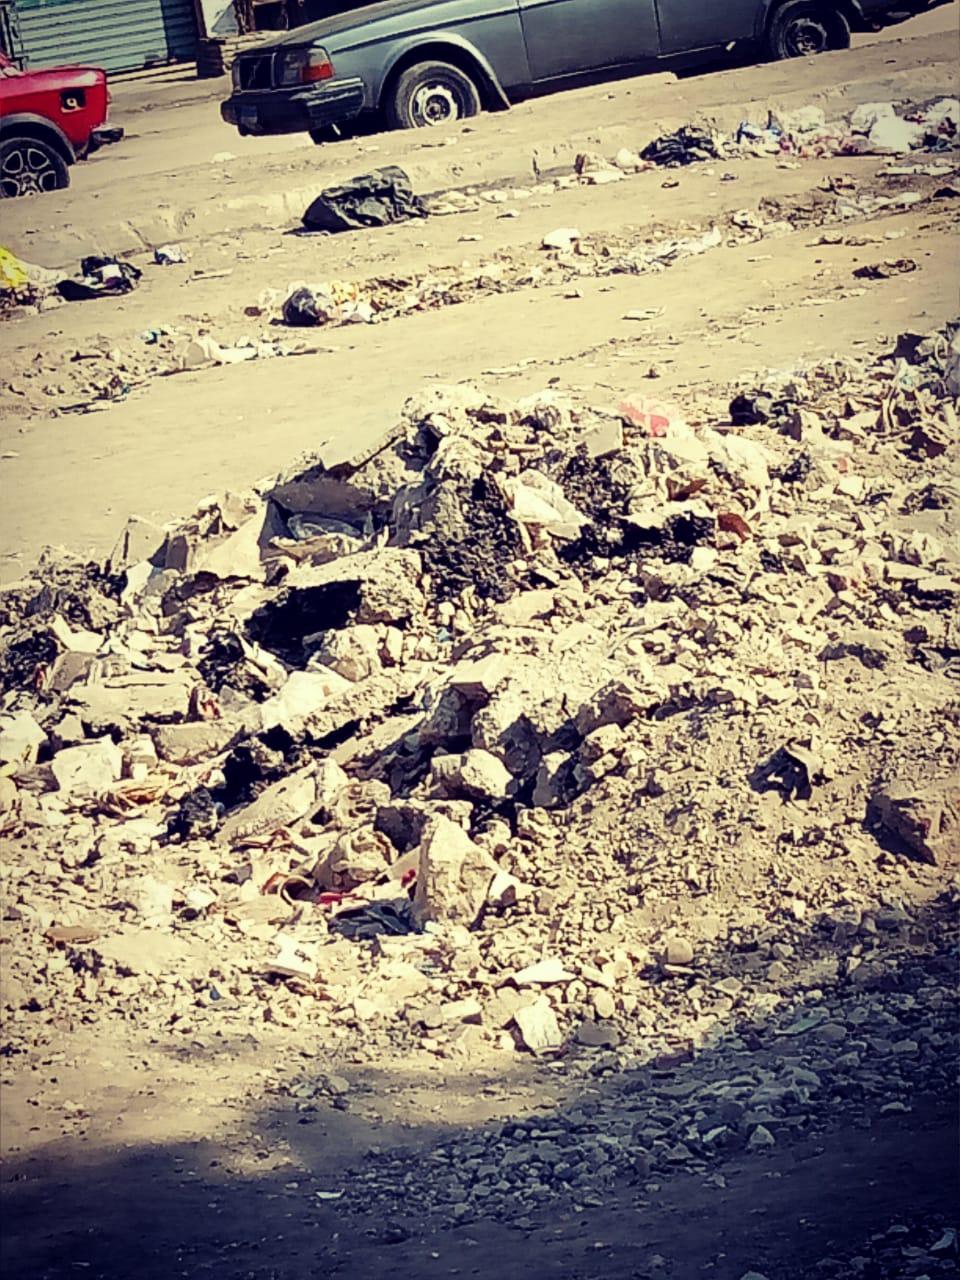 انتشار القمامة وسوء الخدمات فى منطقة ترسا بالهرم (2)